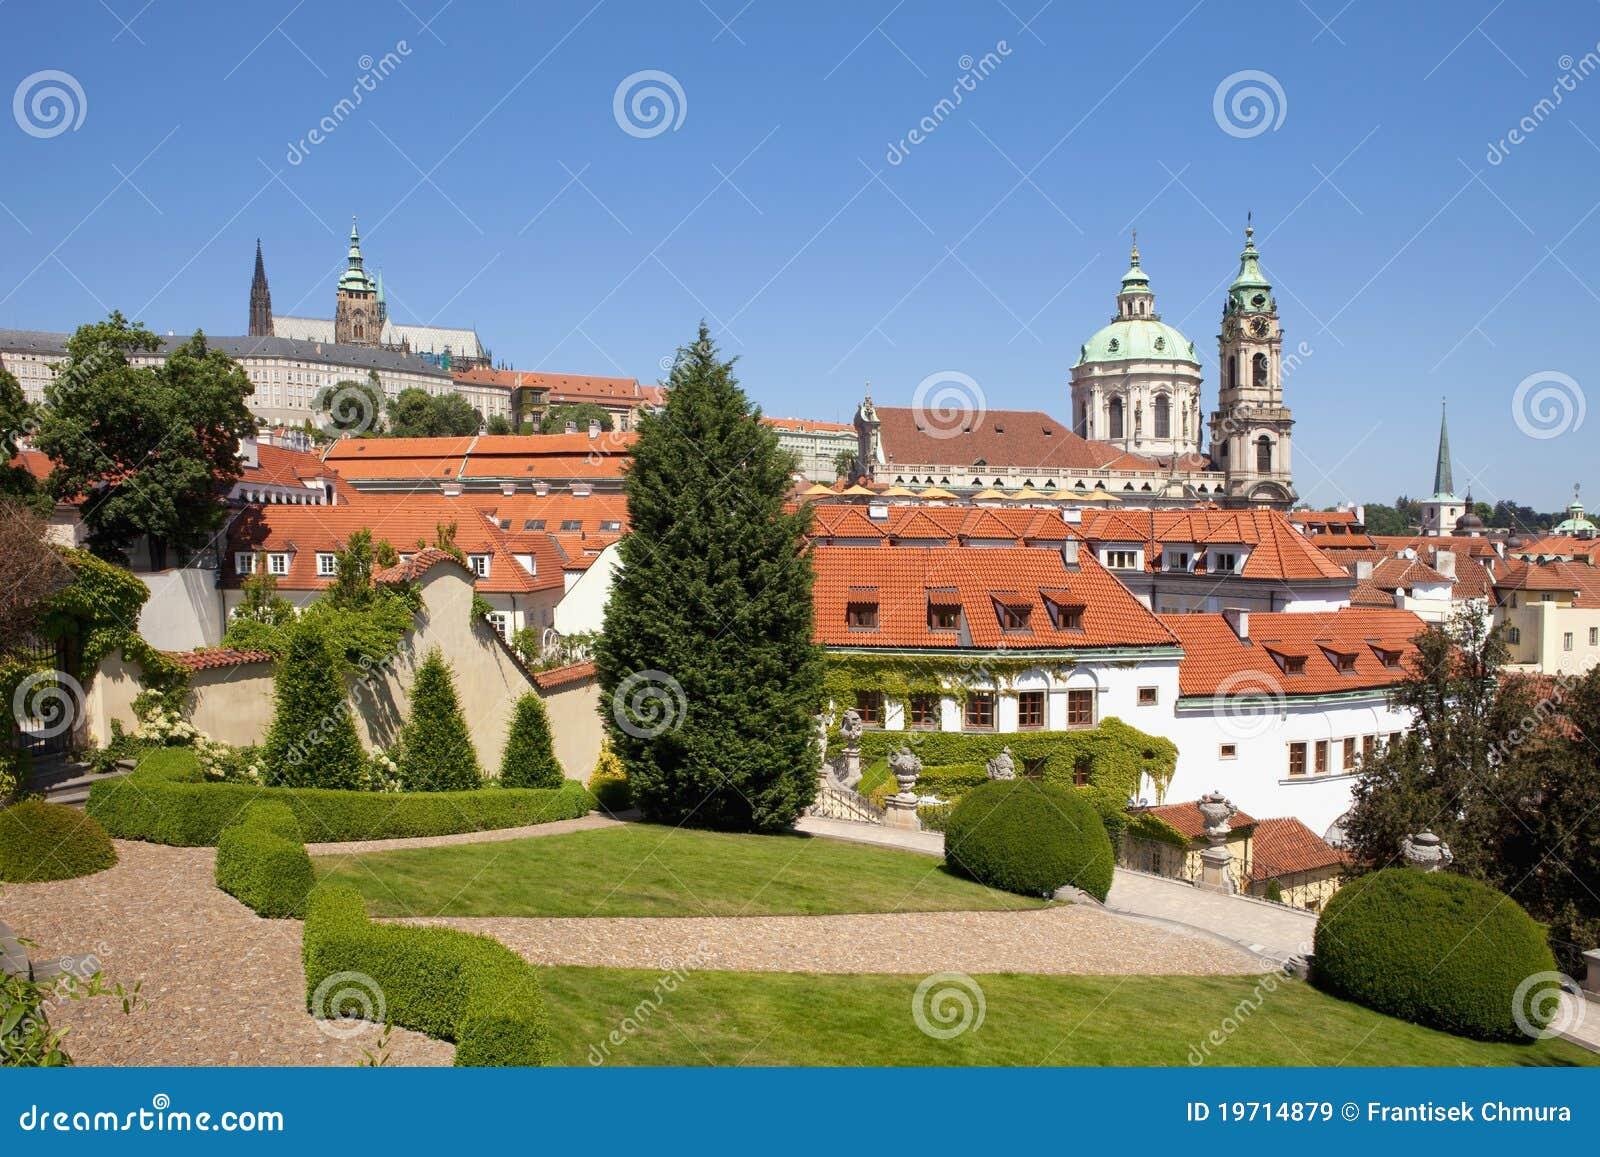 vrtba garden prague czech - photo #6